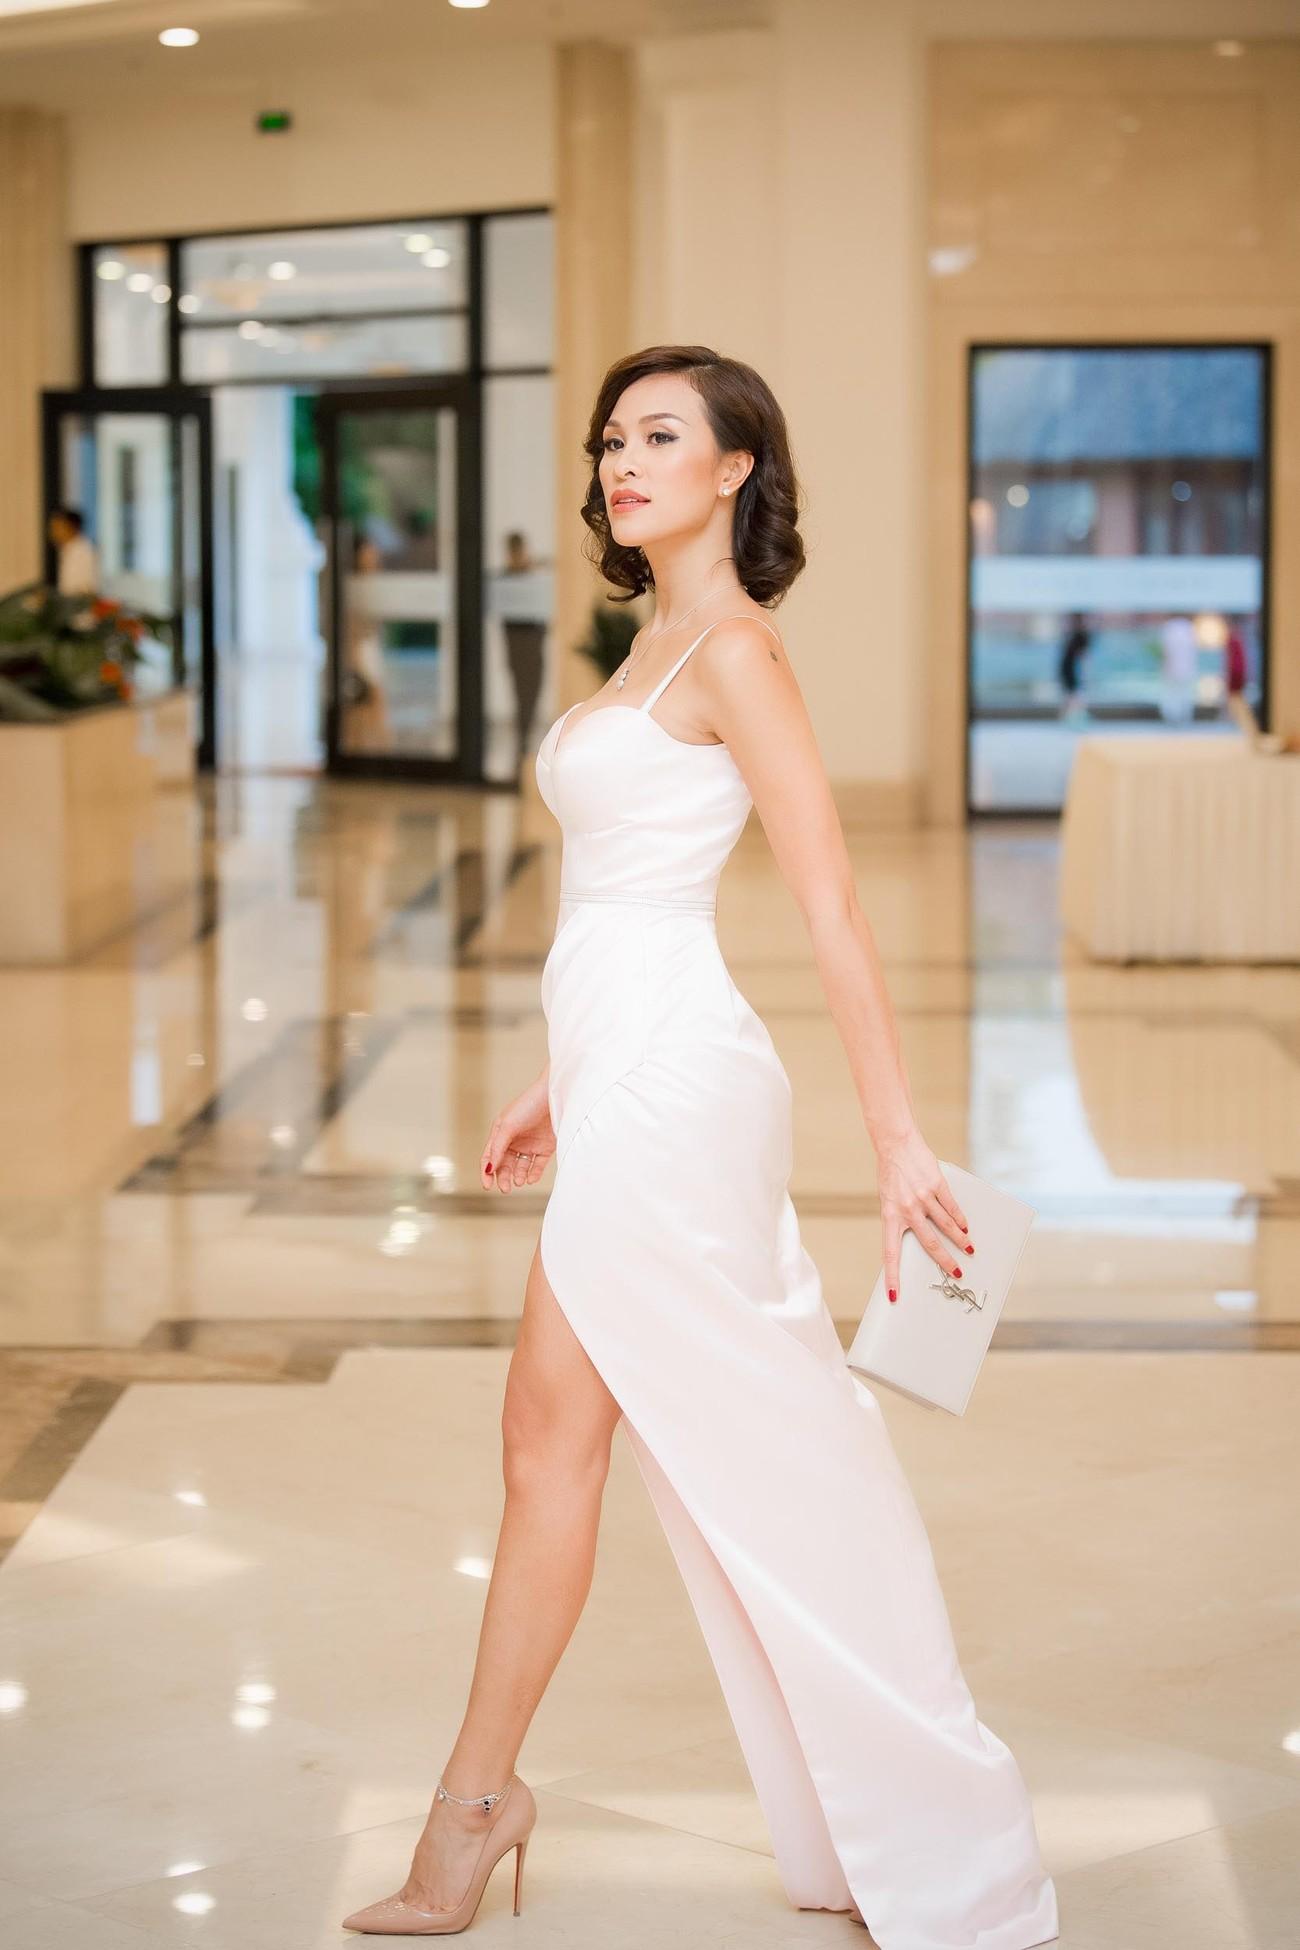 Hoa hậu Thu Thuỷ tái xuất, hội ngộ cùng dàn Hoa, Á hậu đình đám ảnh 11